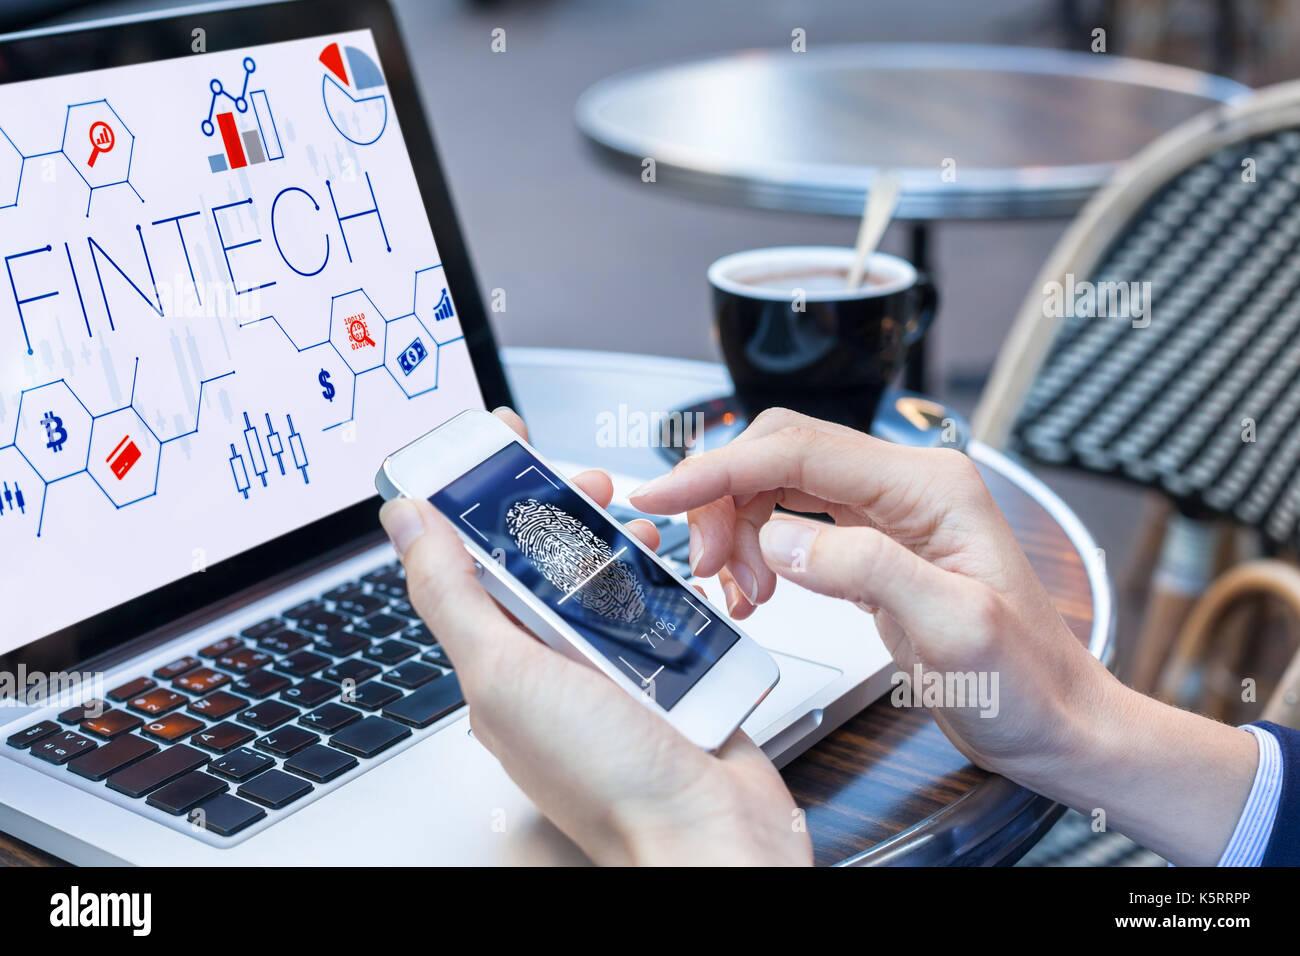 Persona di business utilizzando la scansione delle impronte digitali sullo smartphone per accedere ai dati protetti pagamento su internet con computer portatile in background con fintech (financ Immagini Stock